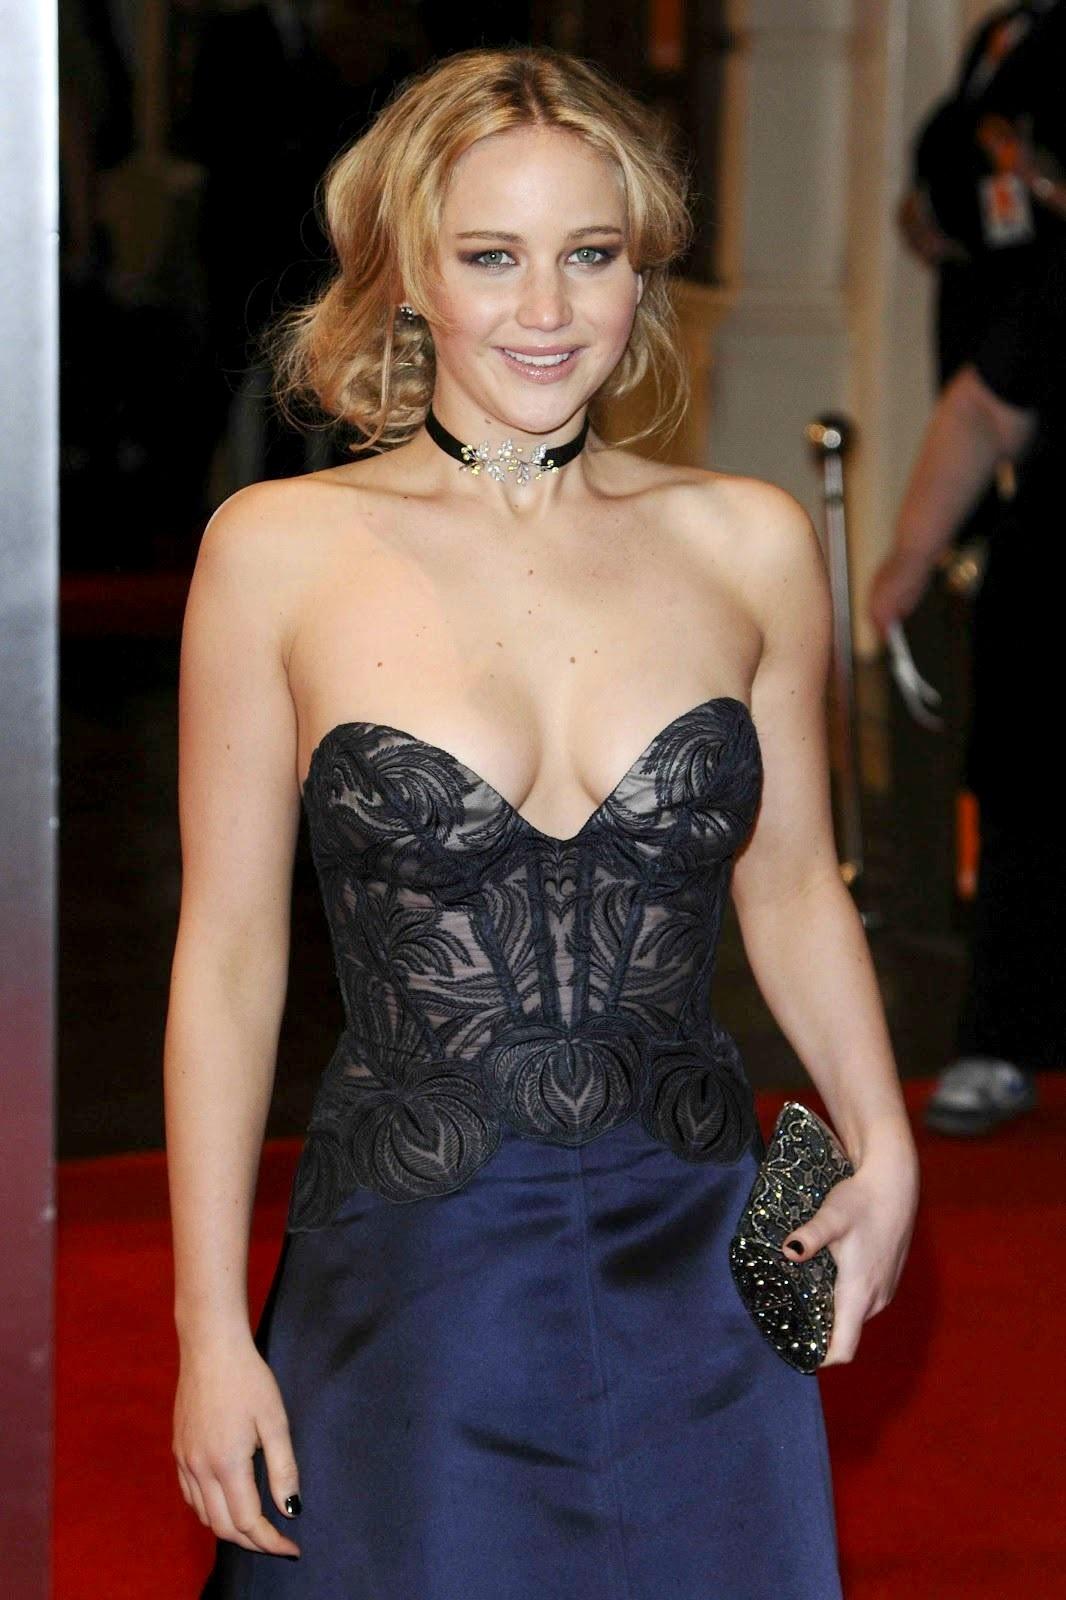 Dünyaca ünlü başarılı ve güzel oyuncu Jennifer Lawrence derin göğüs dekolteli sexy elbisesi ile çok cesur pozlar verdi. Foto galeri için buraya tıklayın.